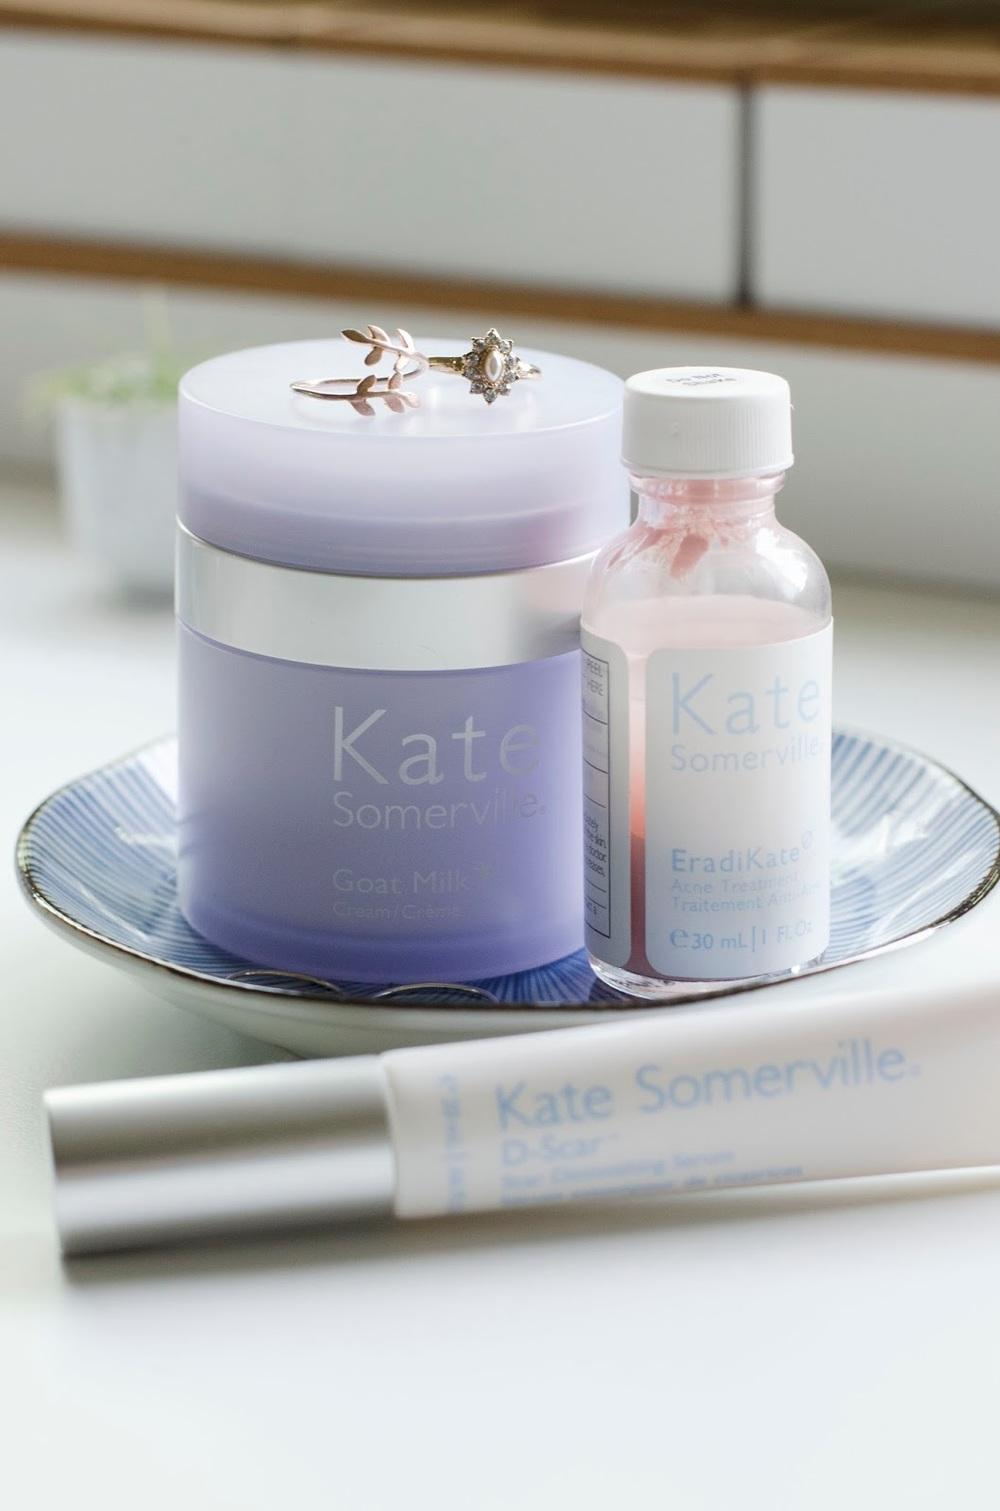 Kate Somerville, Kate Somerville Goat Milk Cream, Eradikate, D-Scar Diminishing Serum